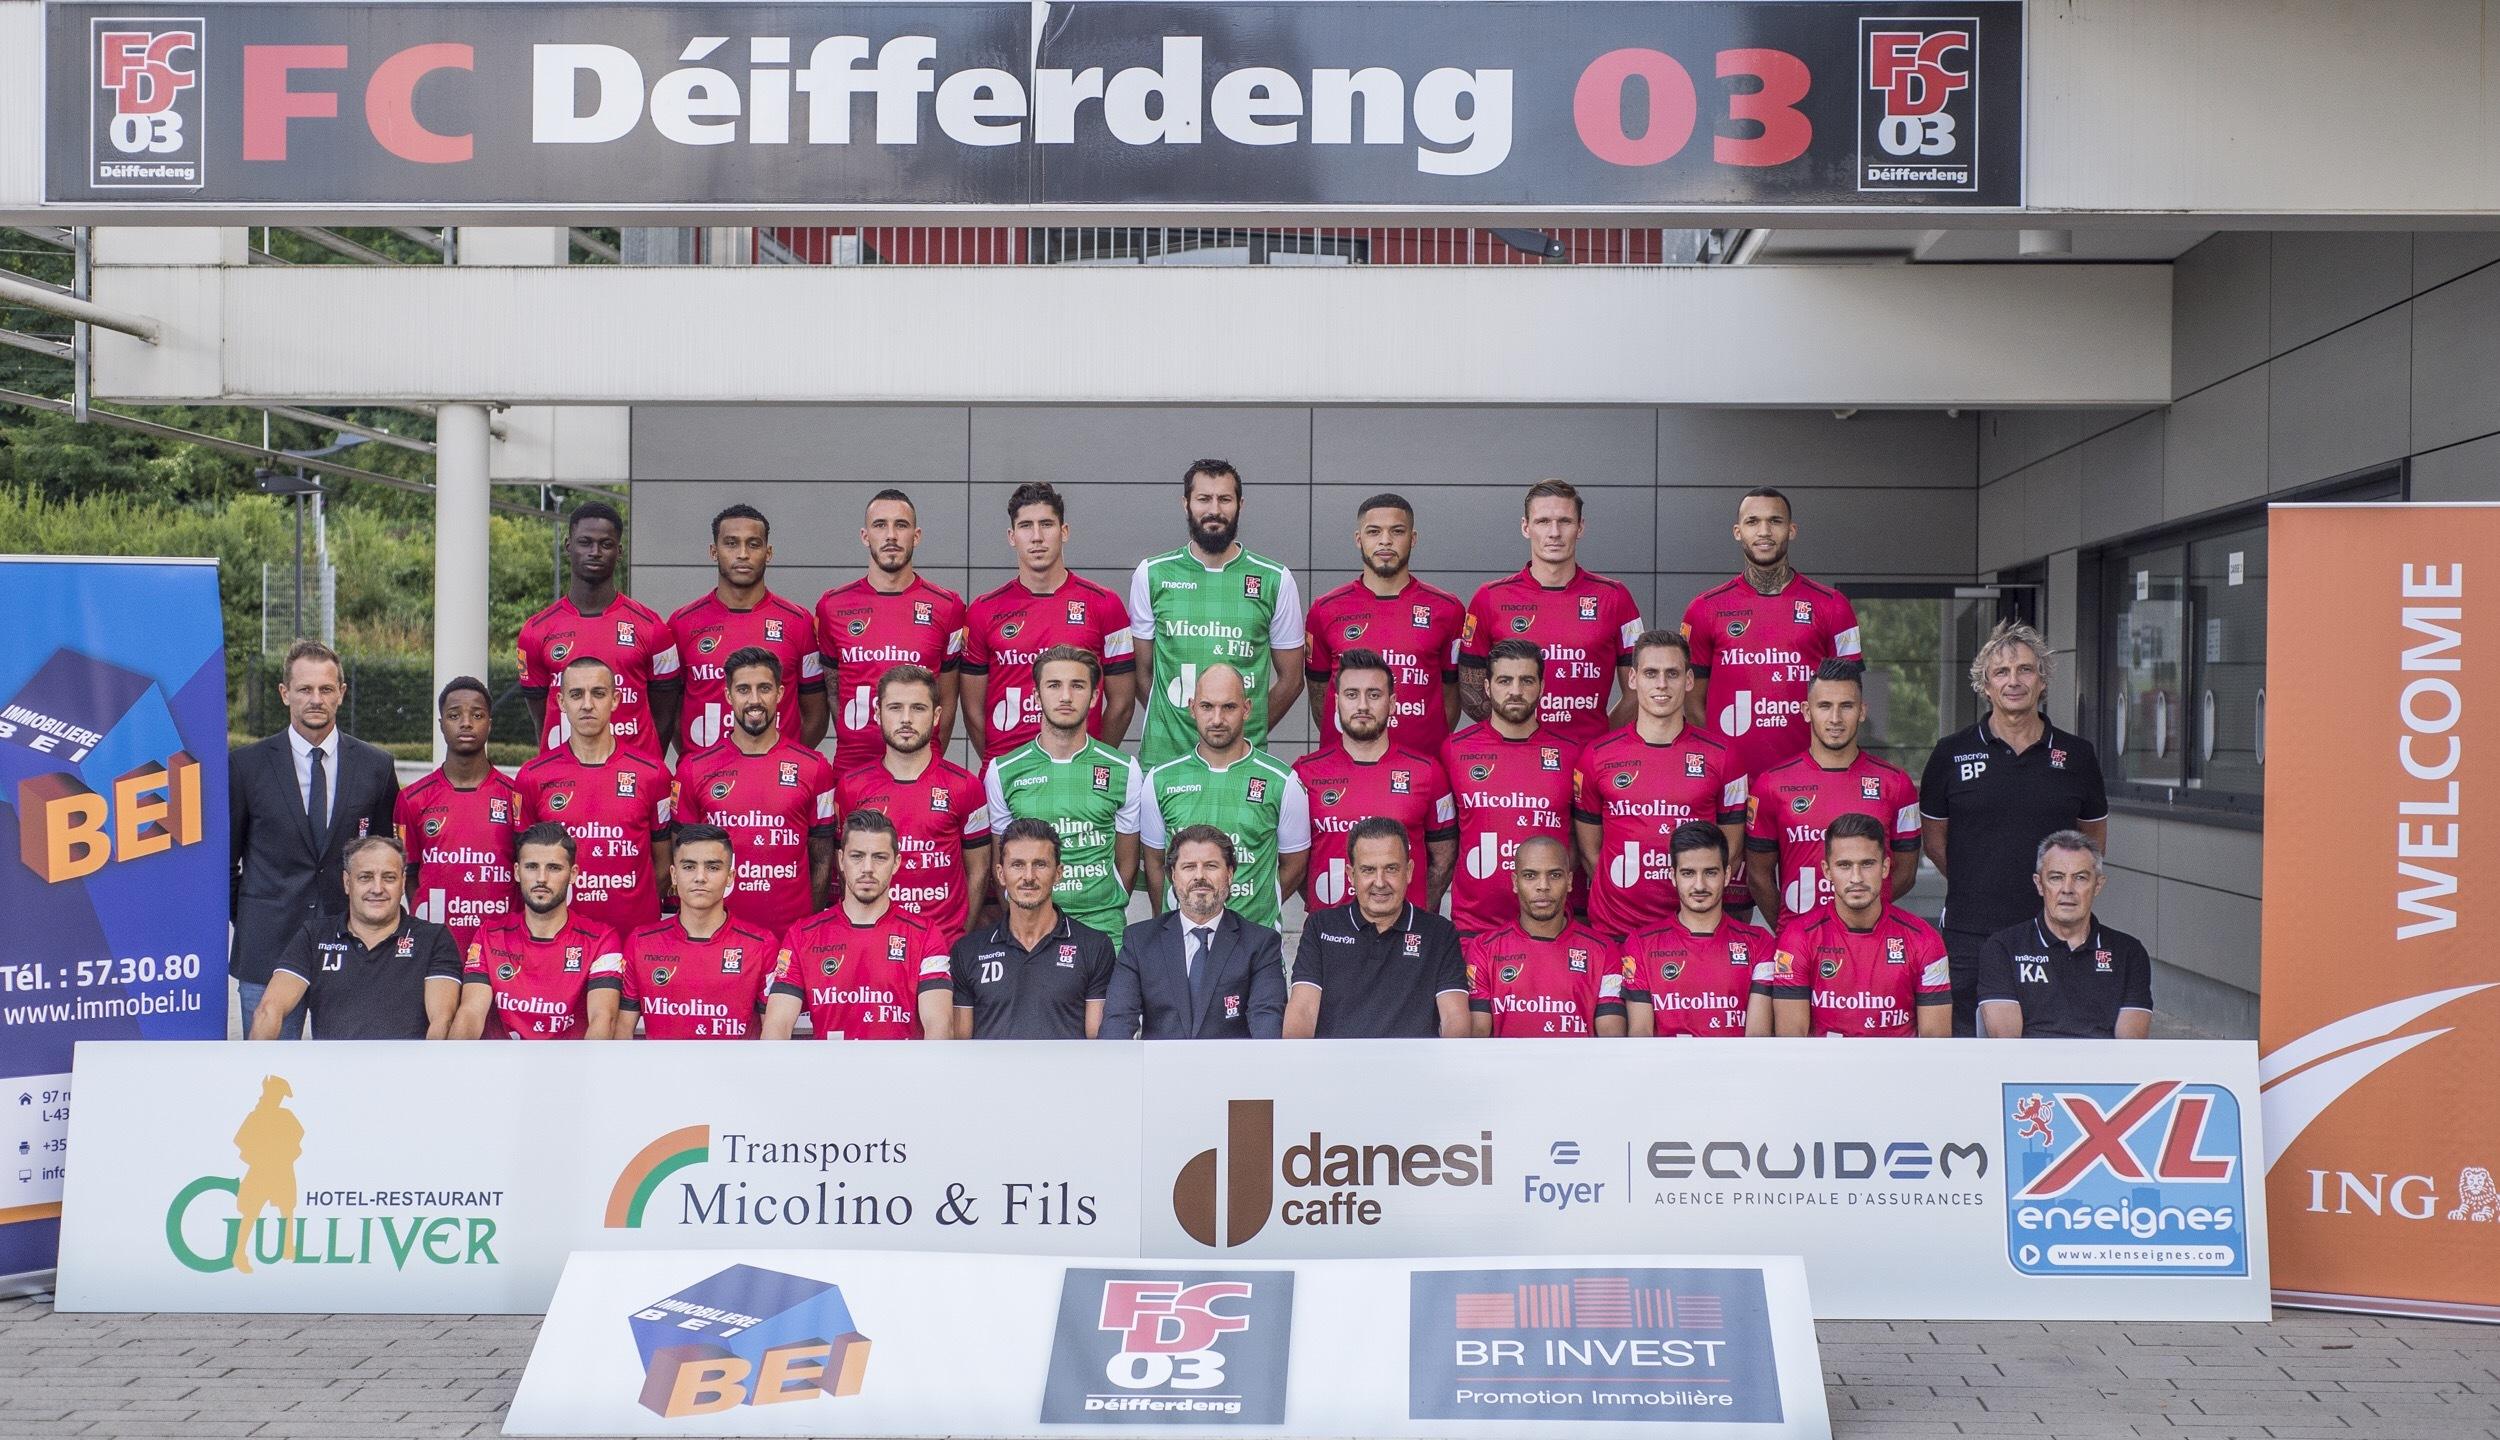 FC Déifferdéng 03 Teamphoto